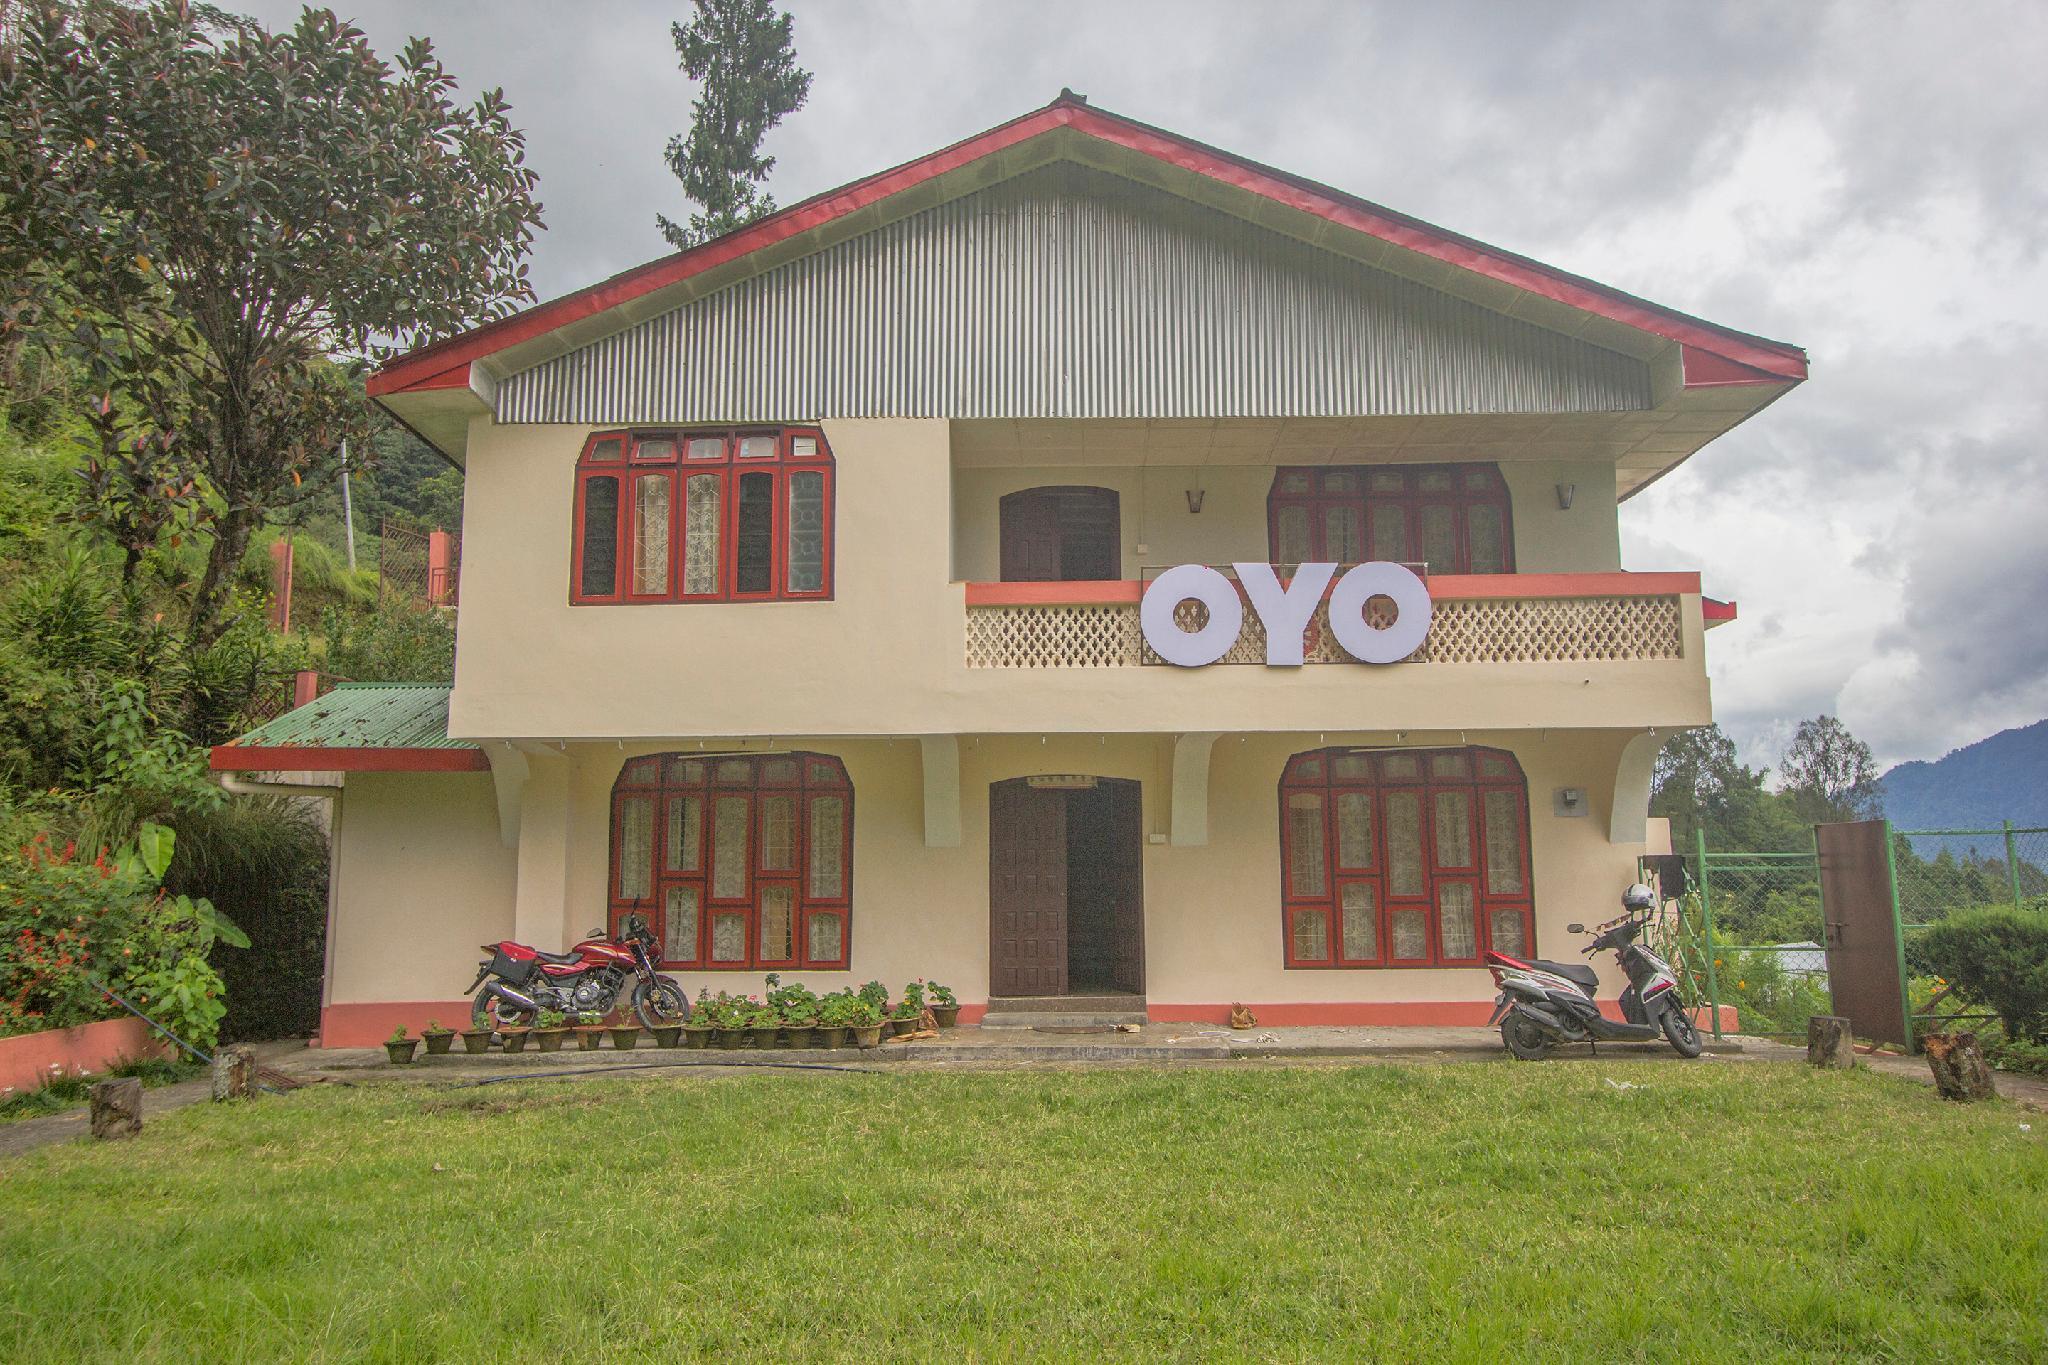 OYO 49196 Rumtek Valley Resort